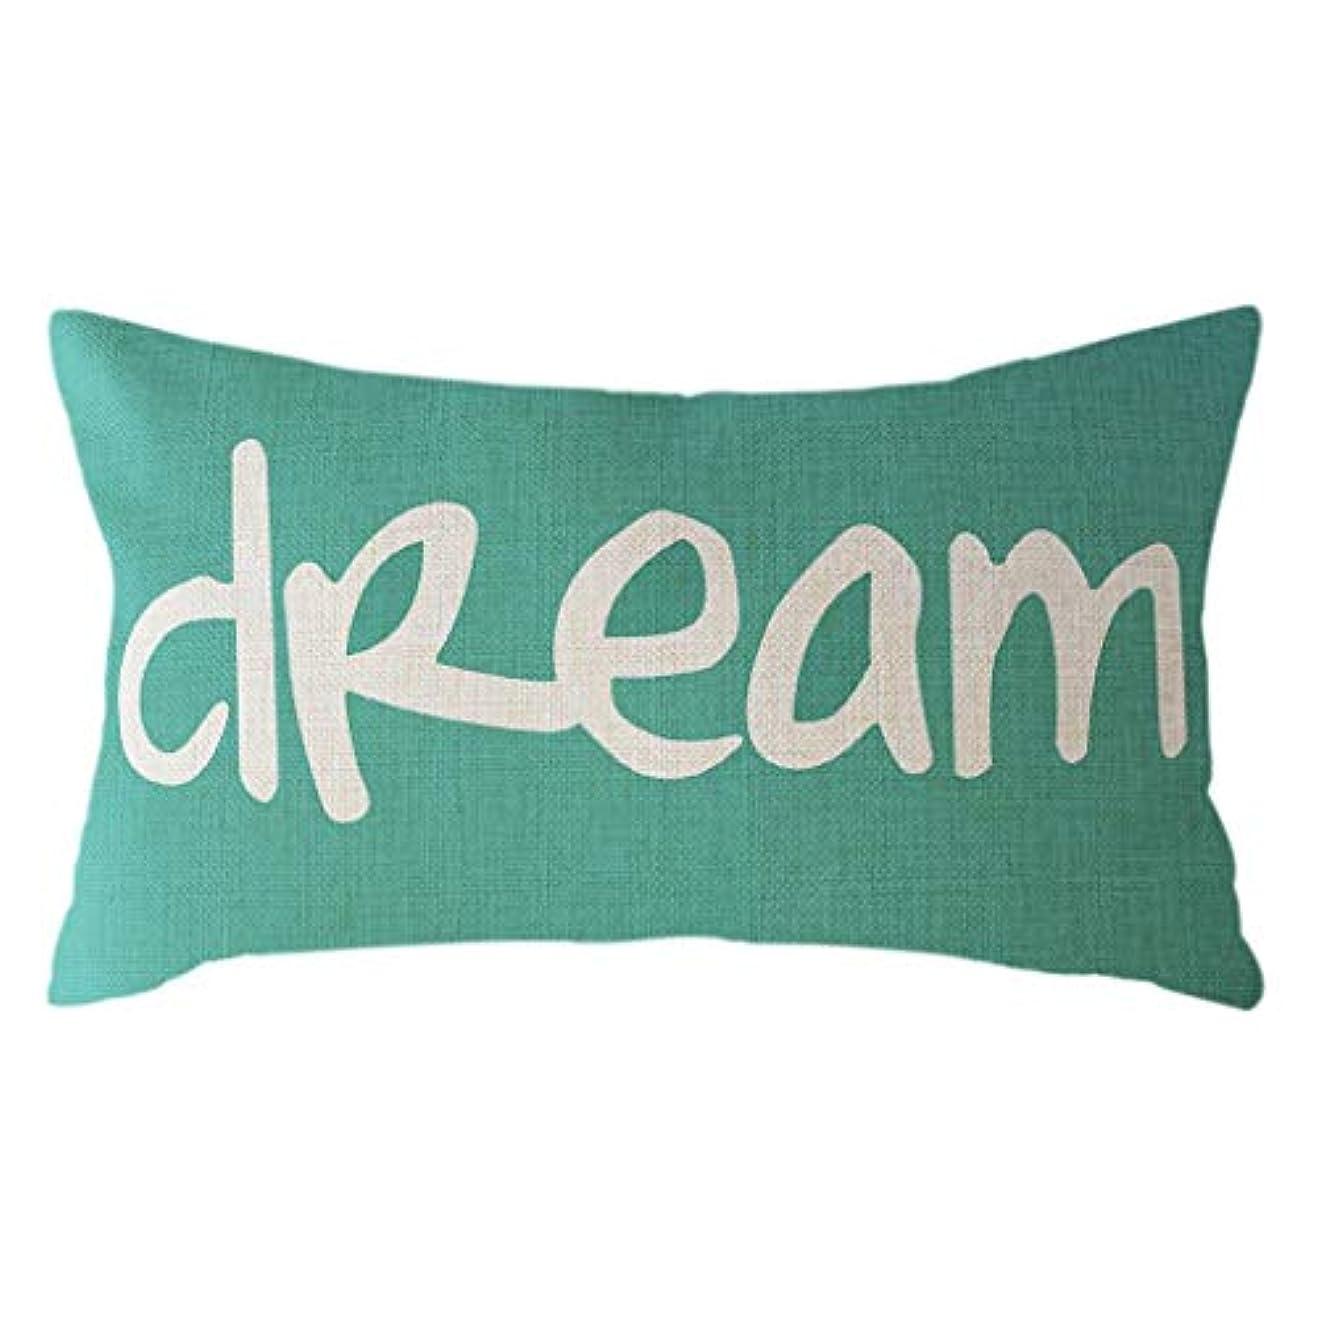 注釈を付ける裕福な相関するLIFE 椅子クッションミニマ幾何学的な枕リネン (30 センチメートルの x 50 センチメートル) クッションプリント緑の木春家の装飾 cojin ソルレドンド クッション 椅子